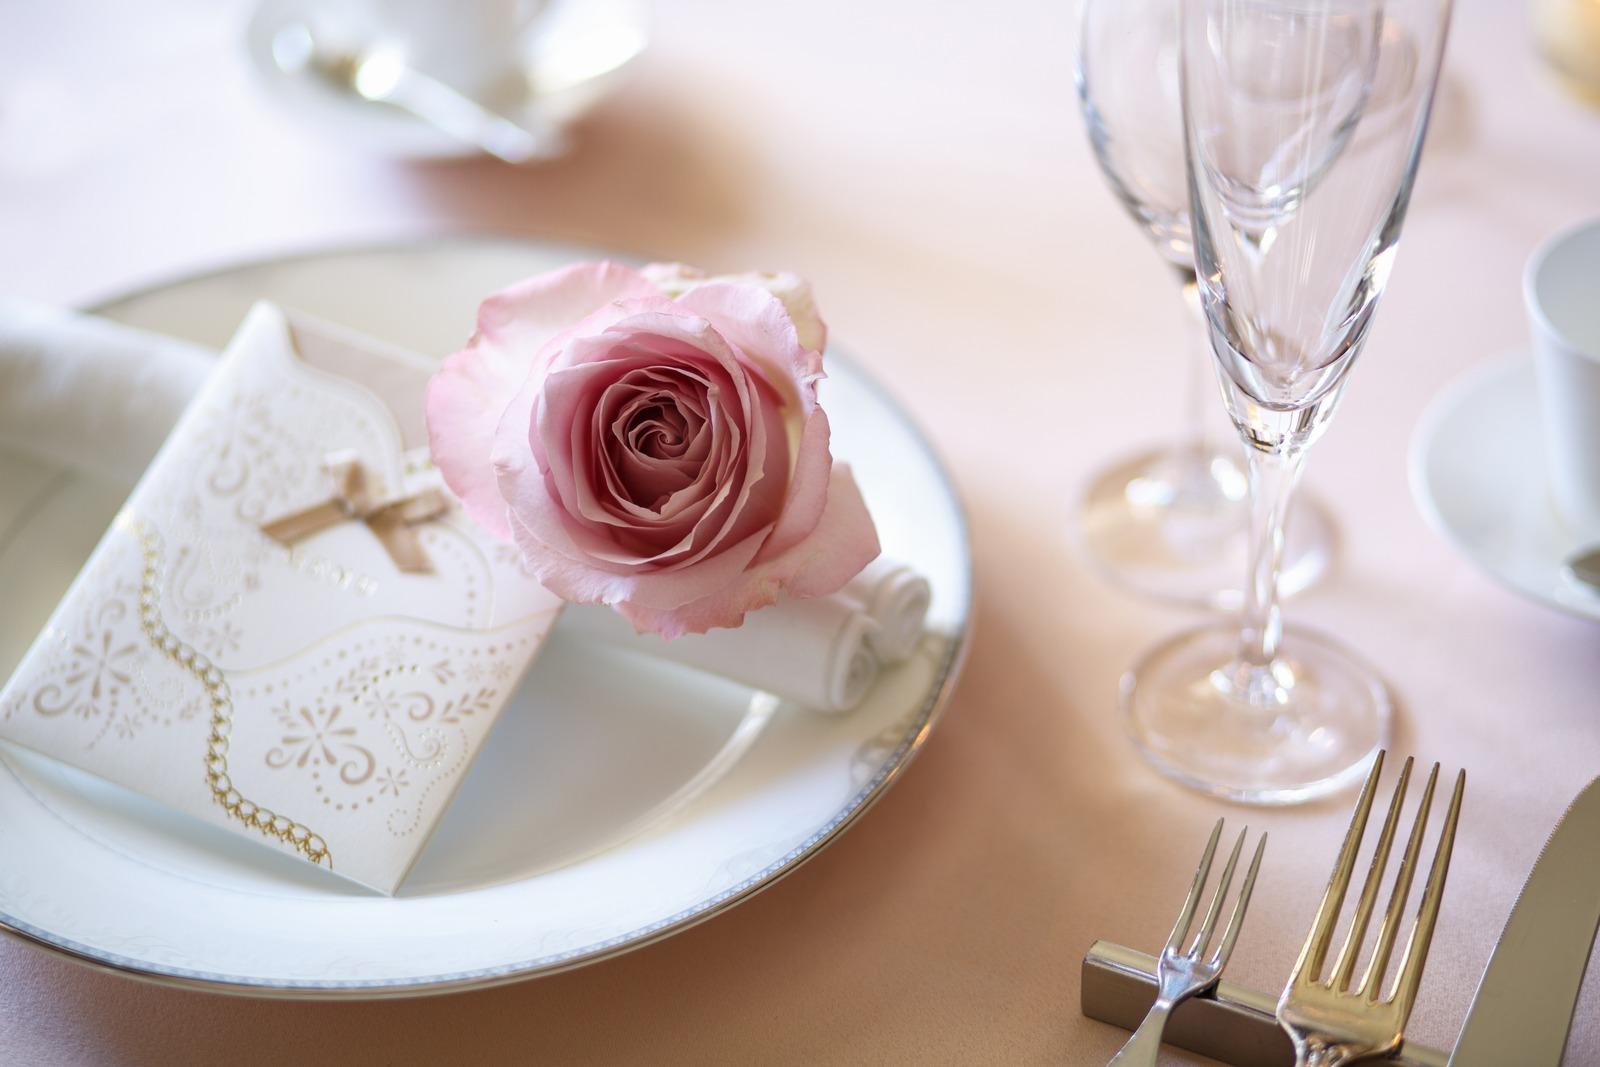 高松市の結婚式場アイルバレクラブのテーブルコーディネート